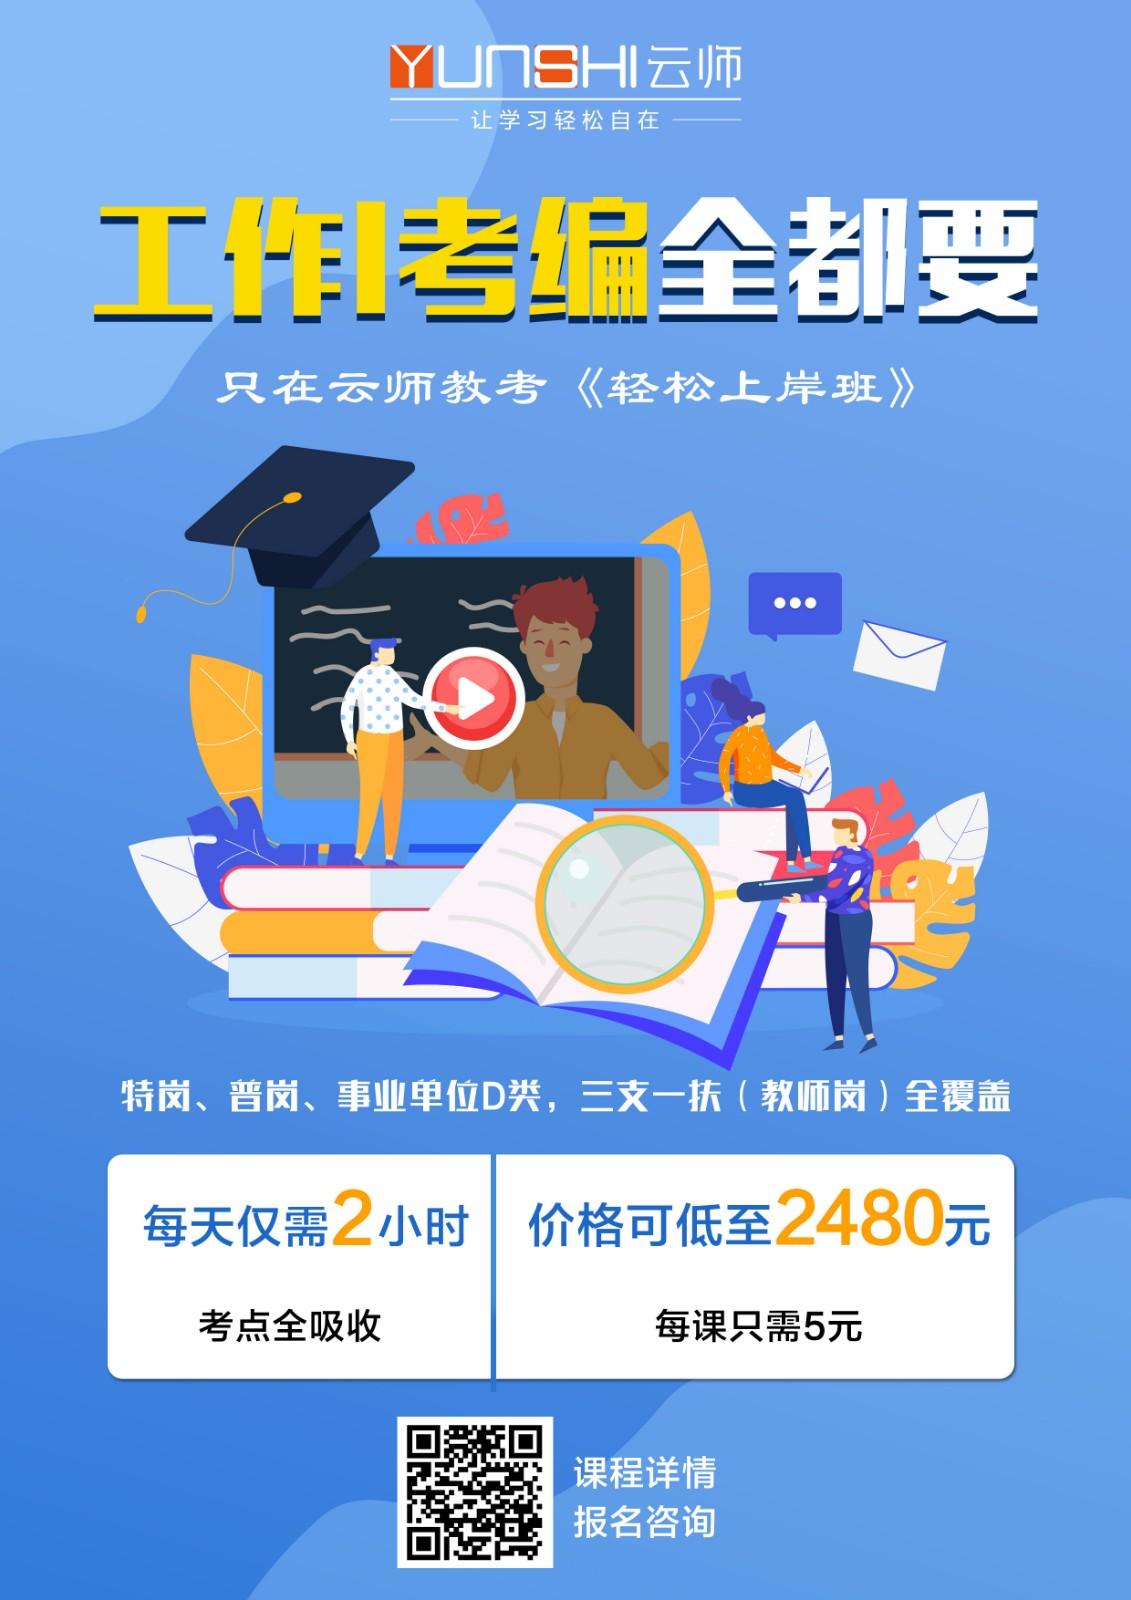 http://store.91yunshi.com/storage/guagua/1131*1600*24a680029c684663c71af984a075a6bd.jpg